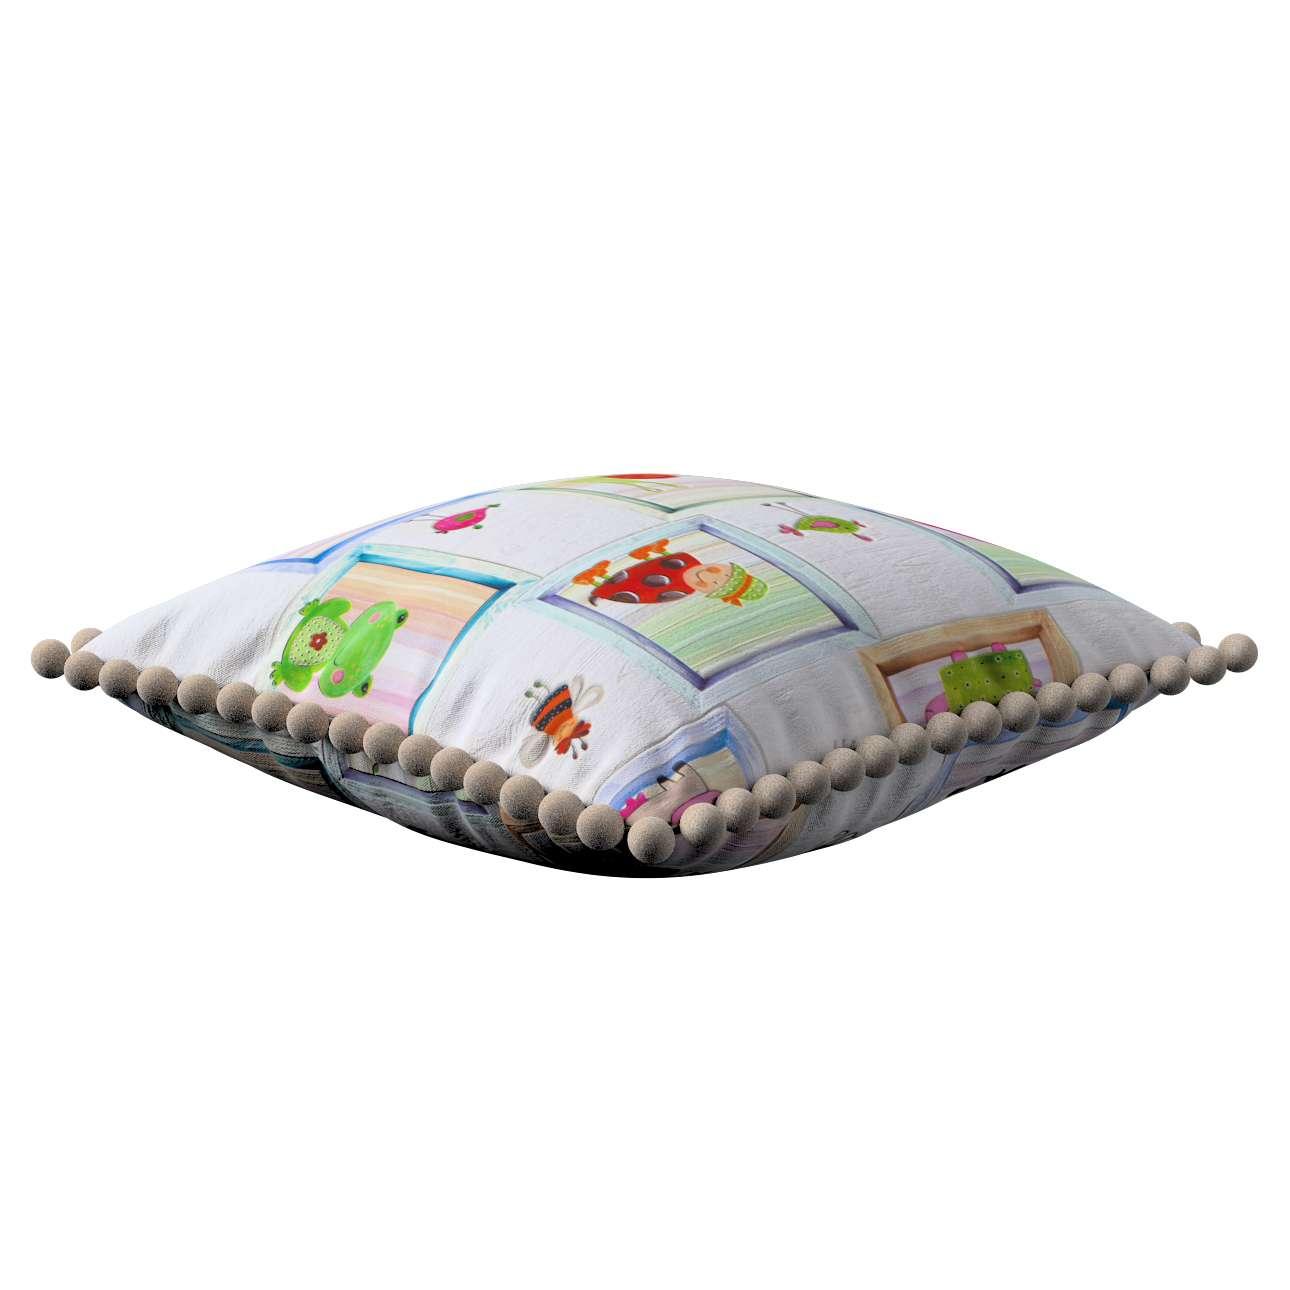 Poszewka Wera na poduszkę 45 x 45 cm w kolekcji Apanona, tkanina: 151-04